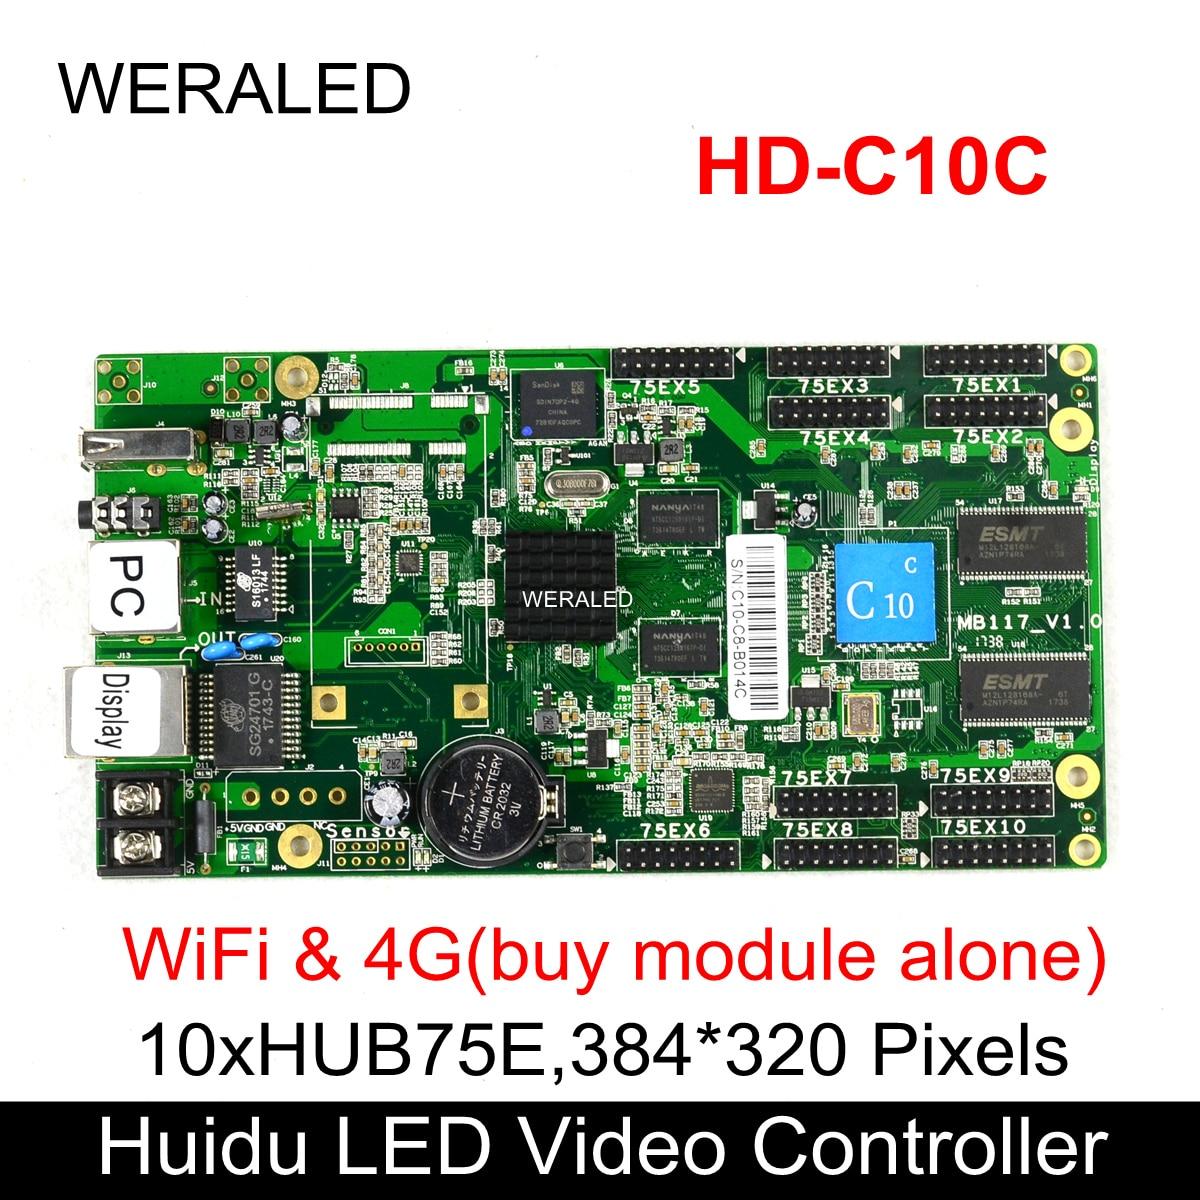 Huidu HD-C10C Asynchronization LED a todo Color tarjeta de vídeo puede agregar inalámbrico WIFI/3G/4G modular (HD-C10/C30/A3/HD-T901 en venta)